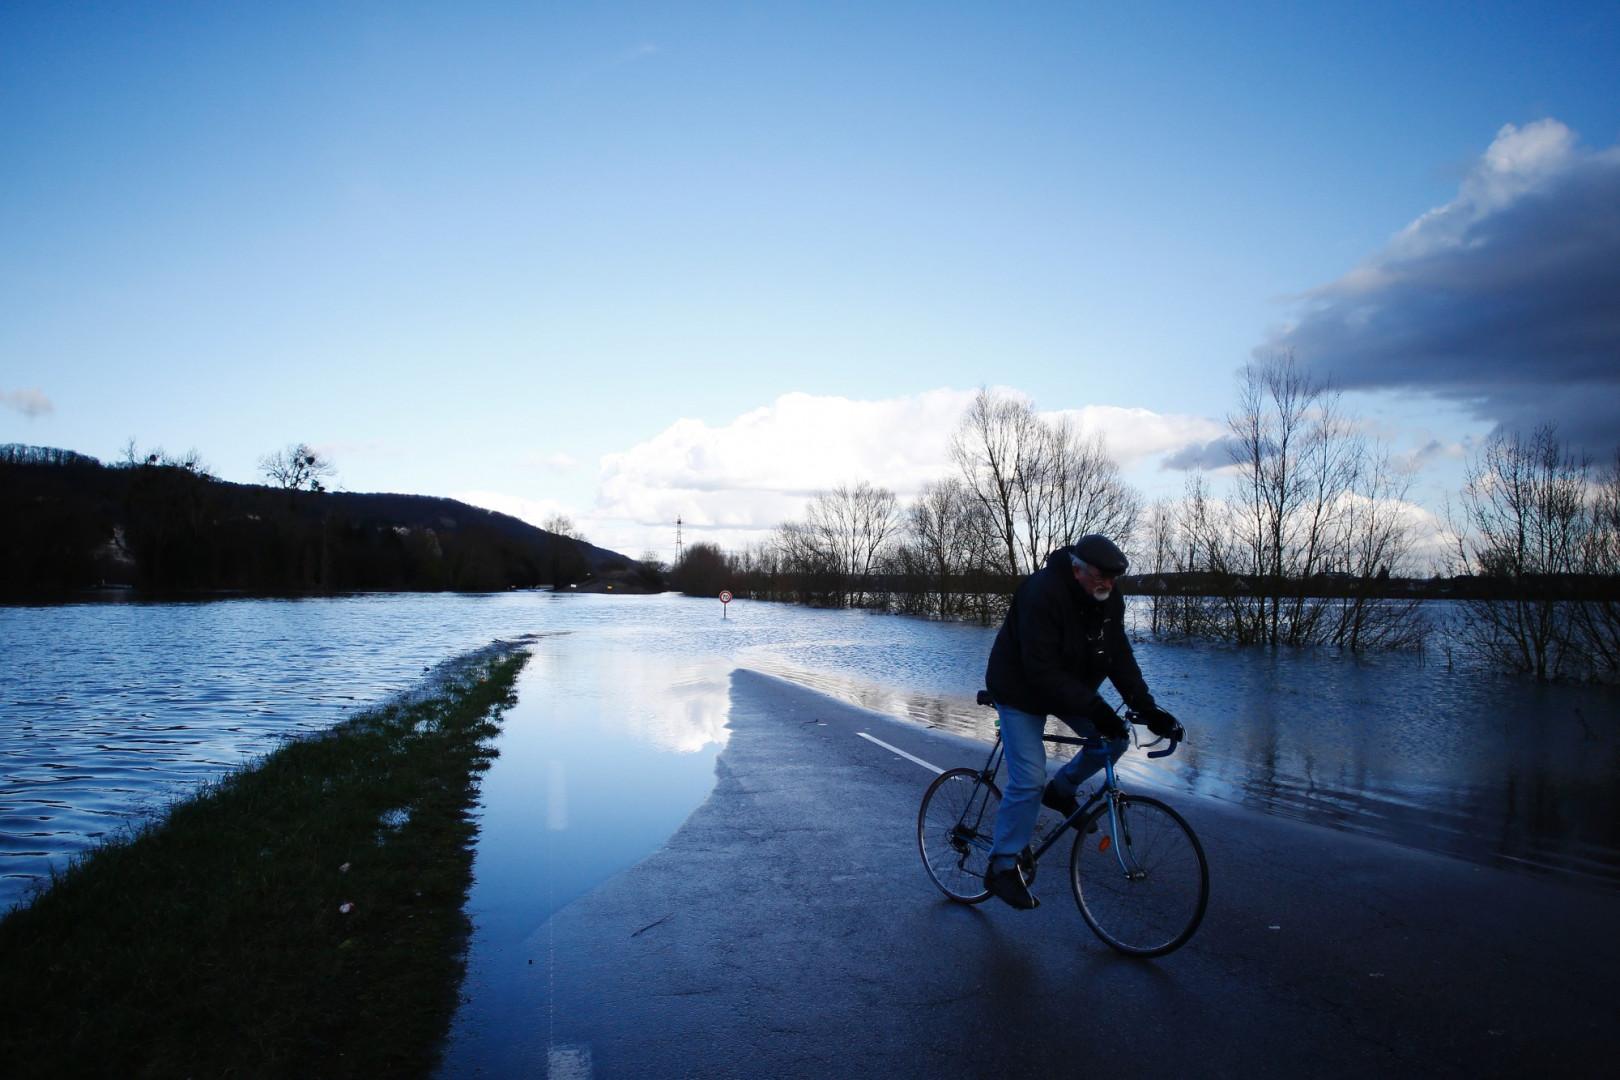 Un homme roule à vélo près de la Seine en crue à Cléon (Seine-Maritime) le 1er février